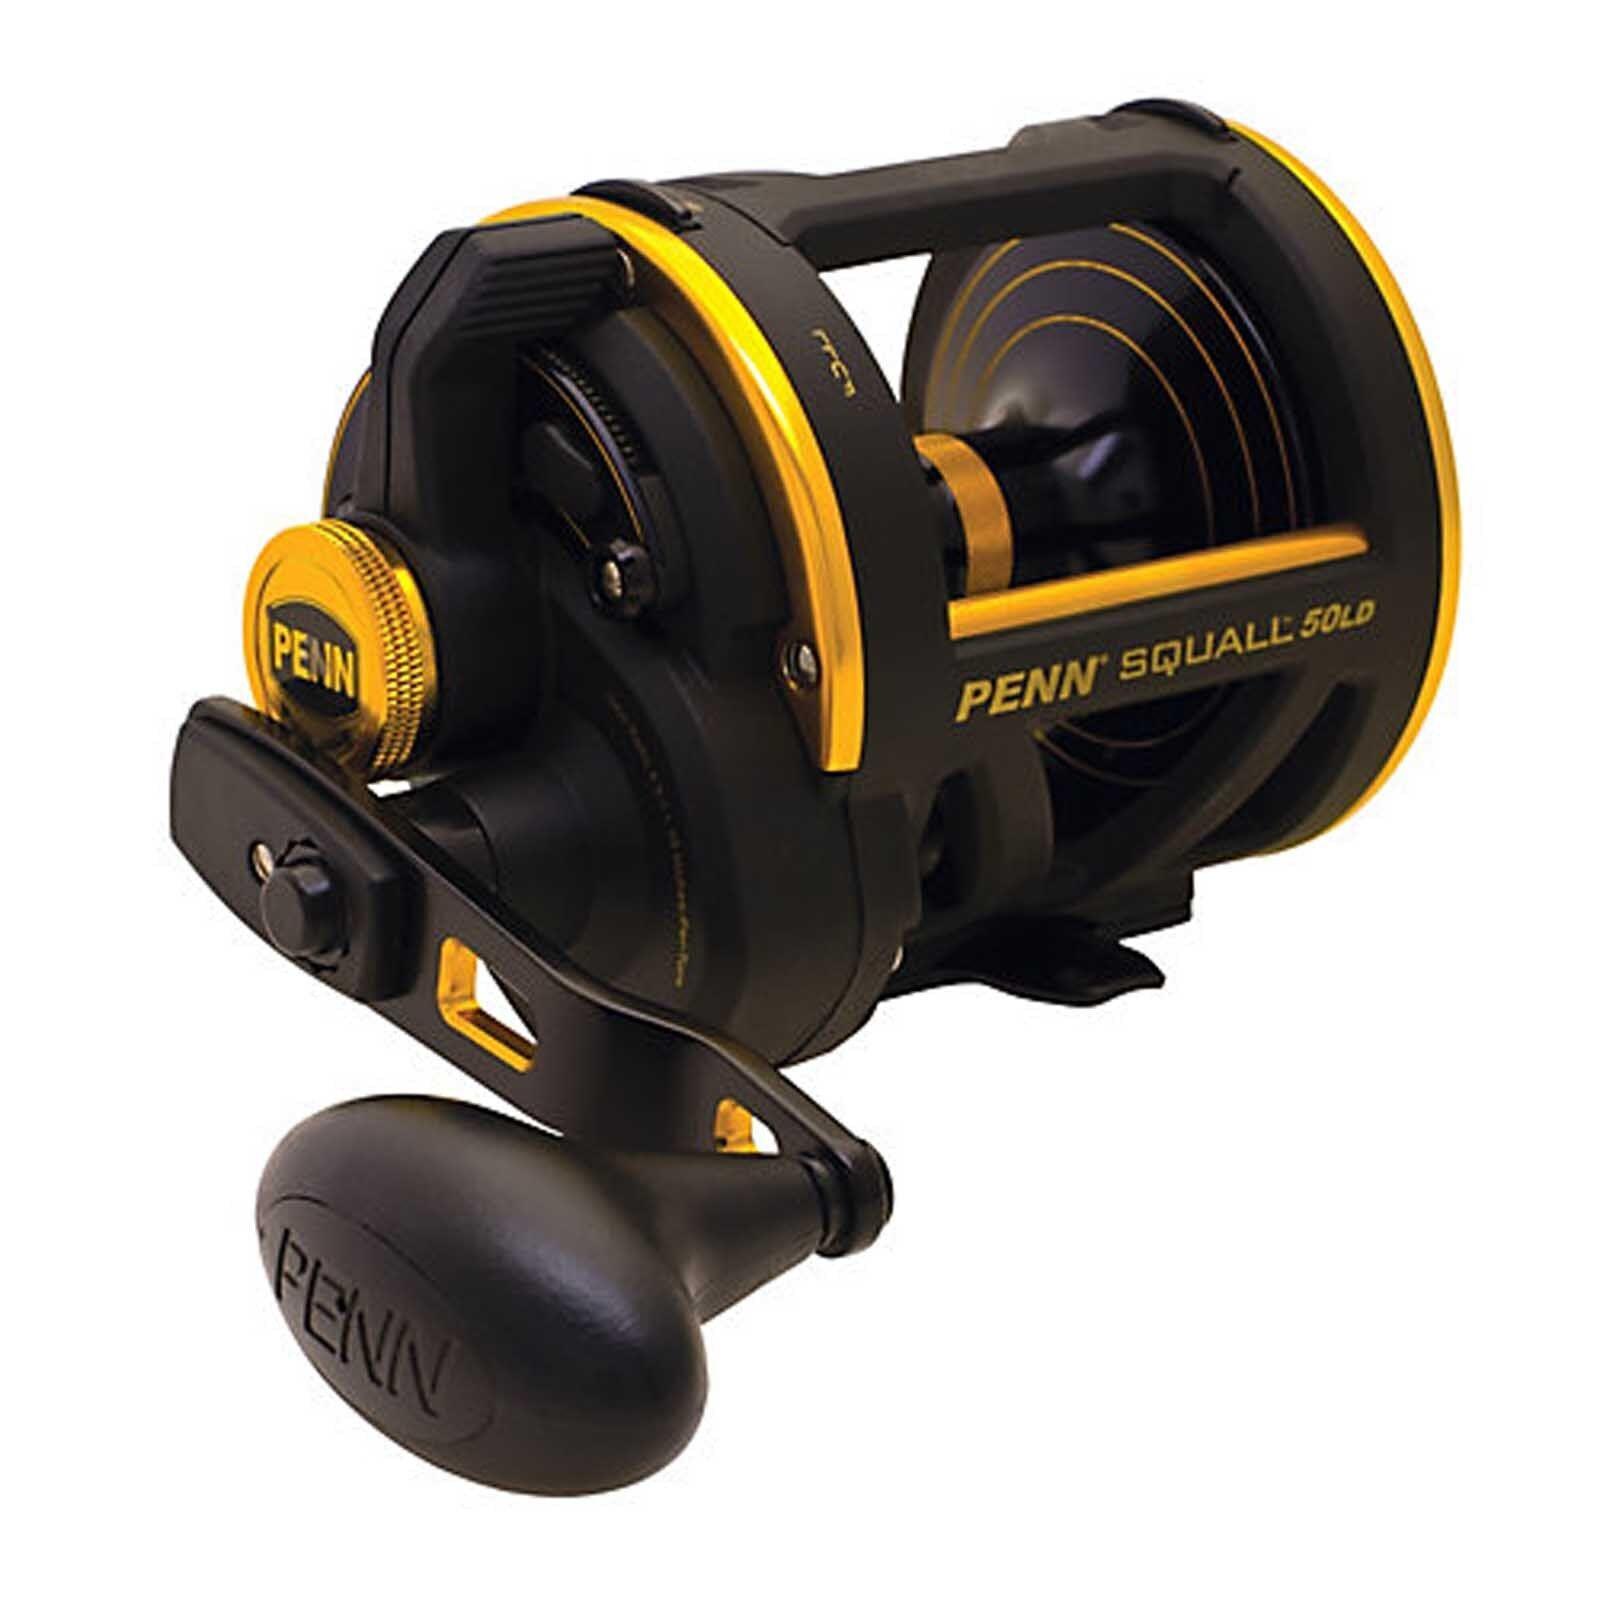 Penn Squall LH & RH Lever Drag LD Multiplier Multiplier Multiplier Trolling Sea Fishing Reel 1c9b2d